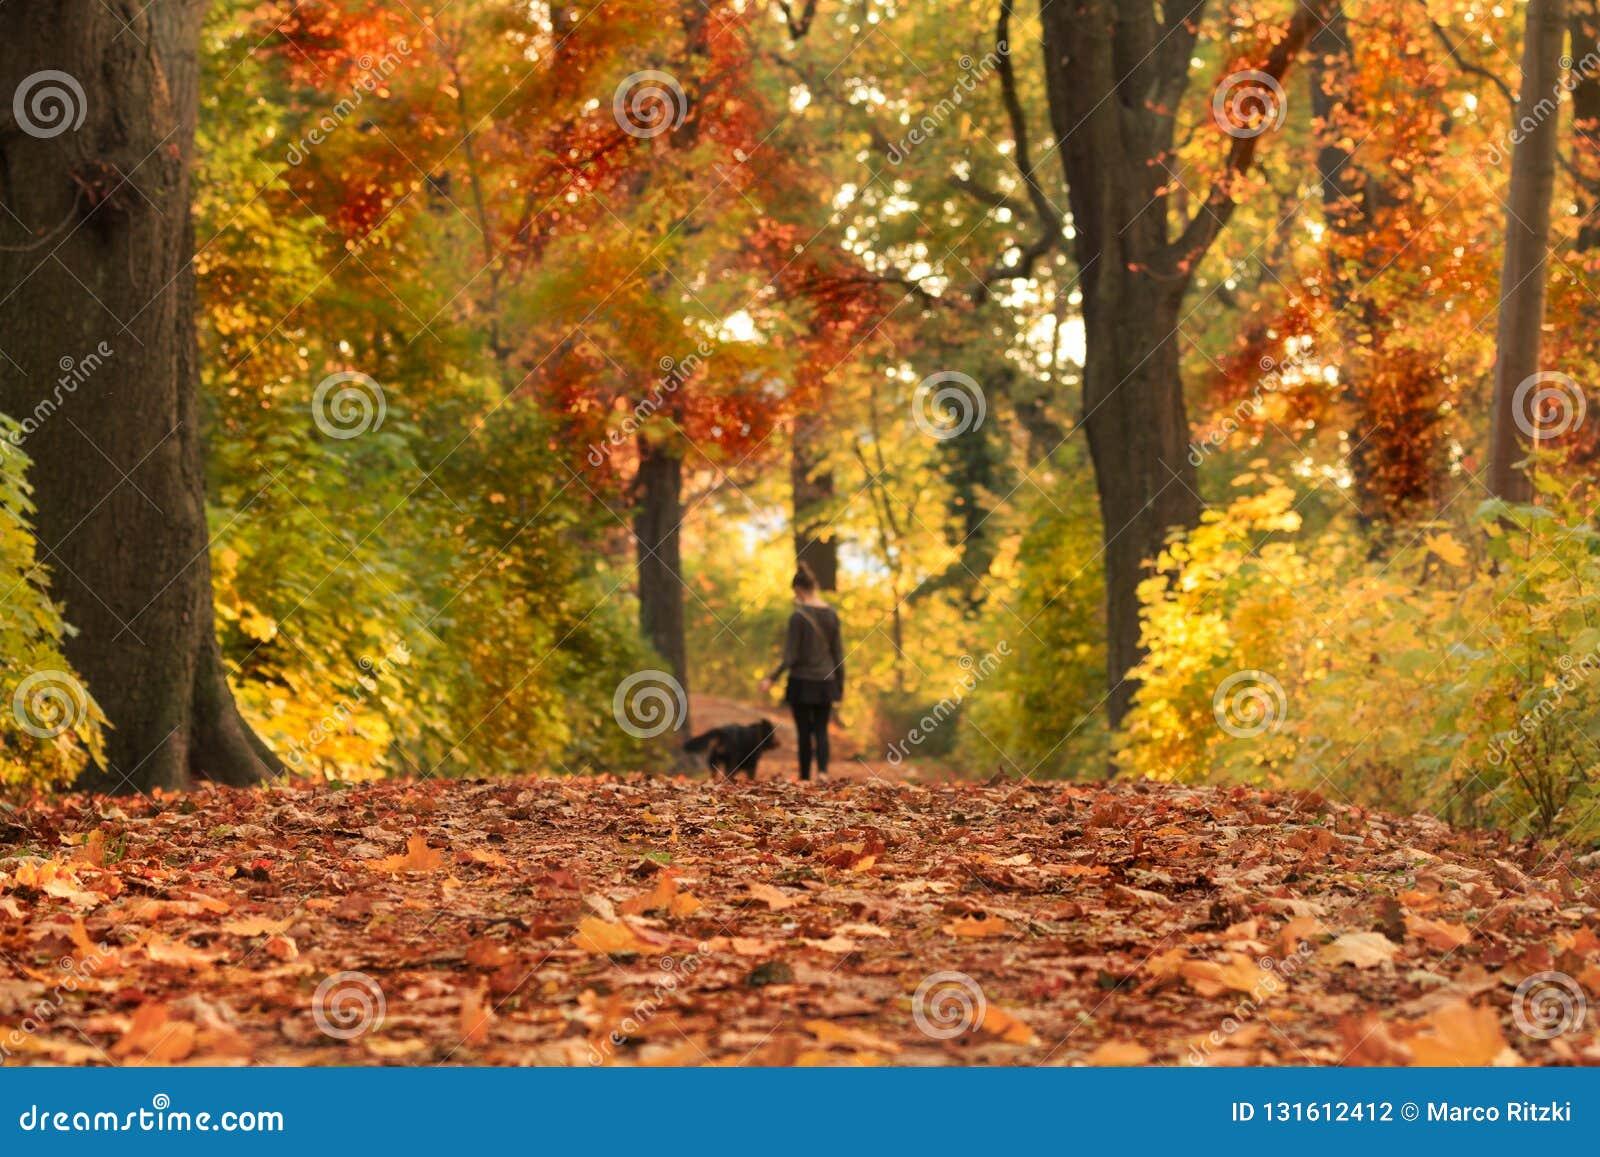 Trayectoria del otoño con las hojas coloreadas